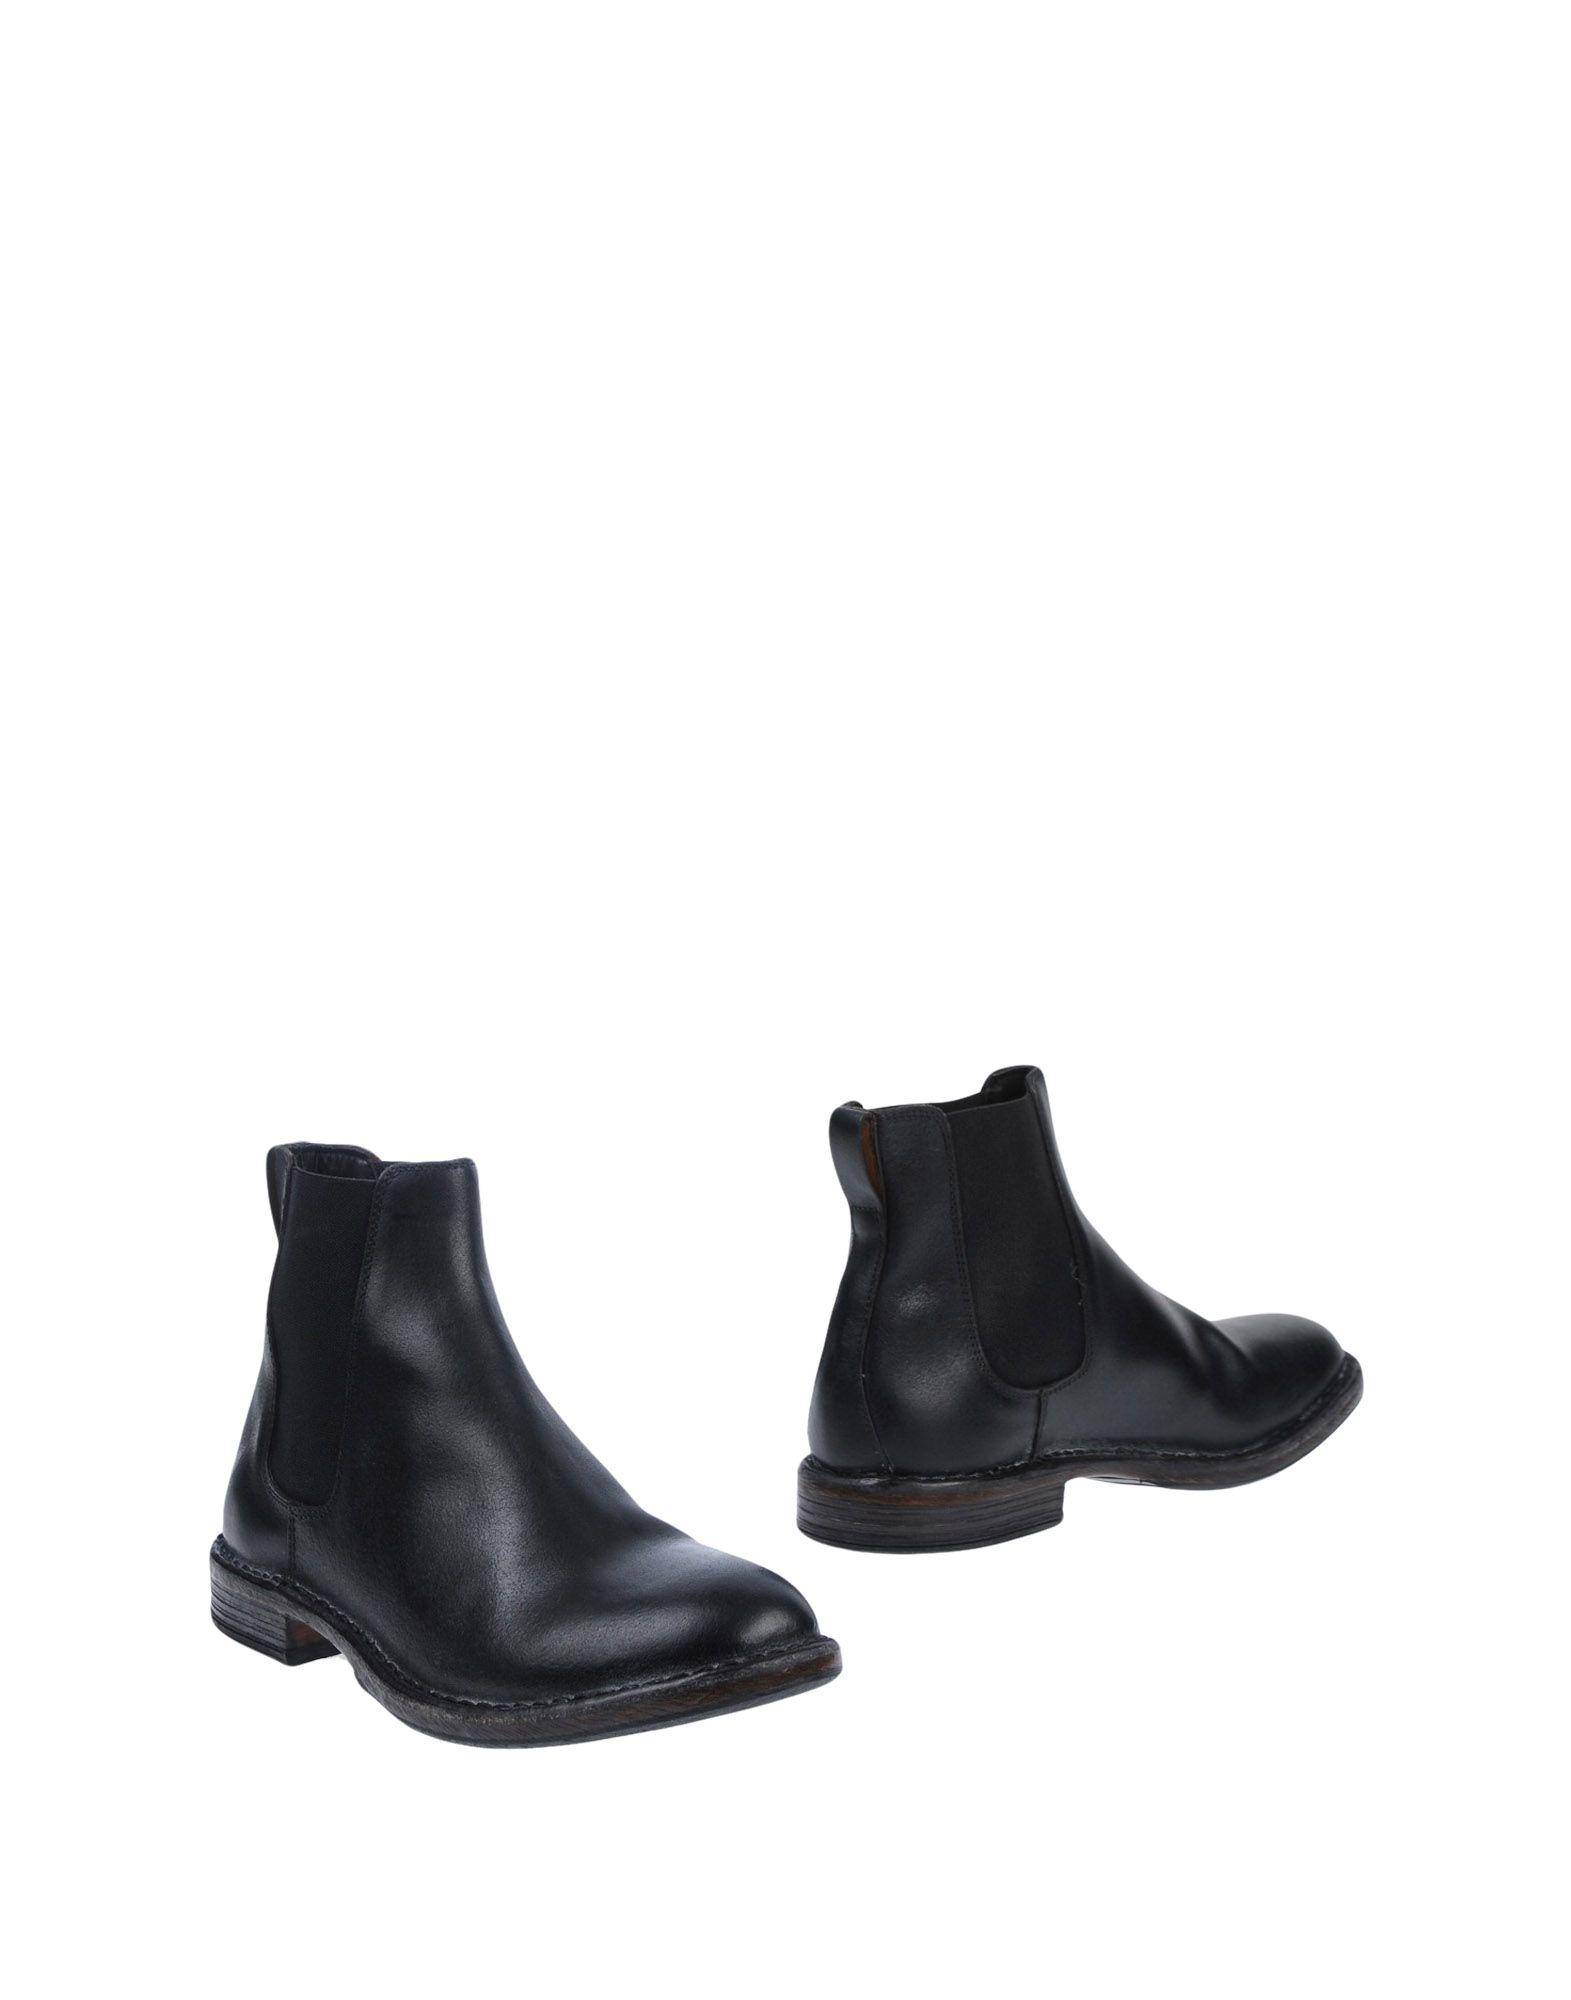 Zapatos de mujer baratos de zapatos de baratos mujer  Botín Moma Hombre - Botines Moma 00dc8a